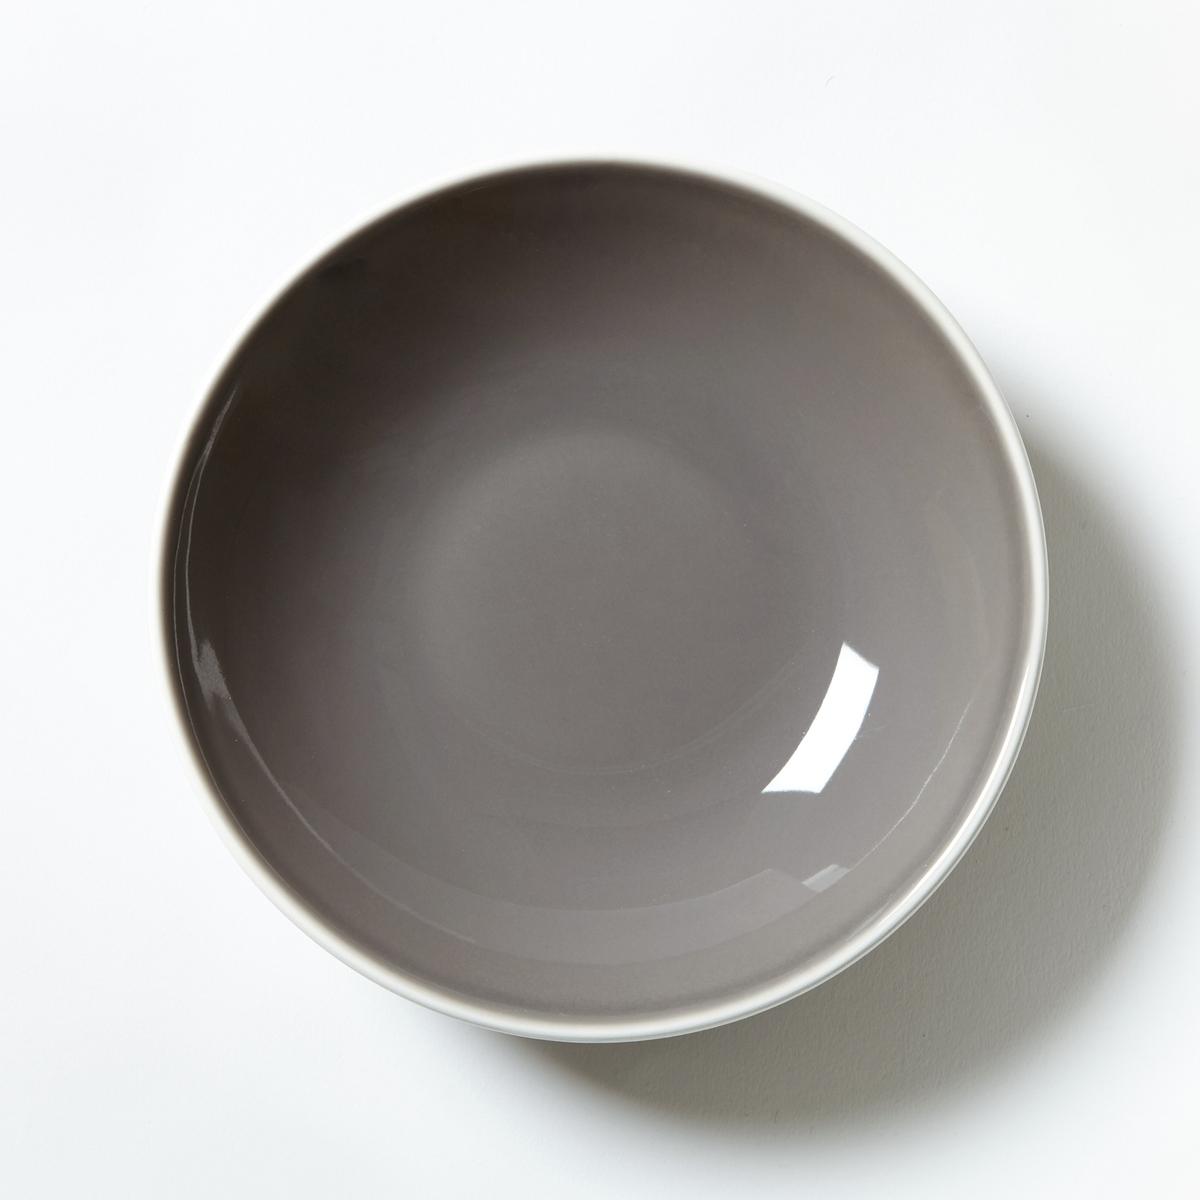 4 тарелки с дизайнерским рисункомХарактеристики 4 глубоких тарелок с дизайнерским строгим рисунком :- Из фаянса с матовой отделкой .- Диаметр 21 см .- Подходит для посудомоечной машины и микроволновой печи   .Десертные тарелки и плоские тарелки из комплекта продаются на сайте laredoute .ru<br><br>Цвет: серо-коричневый